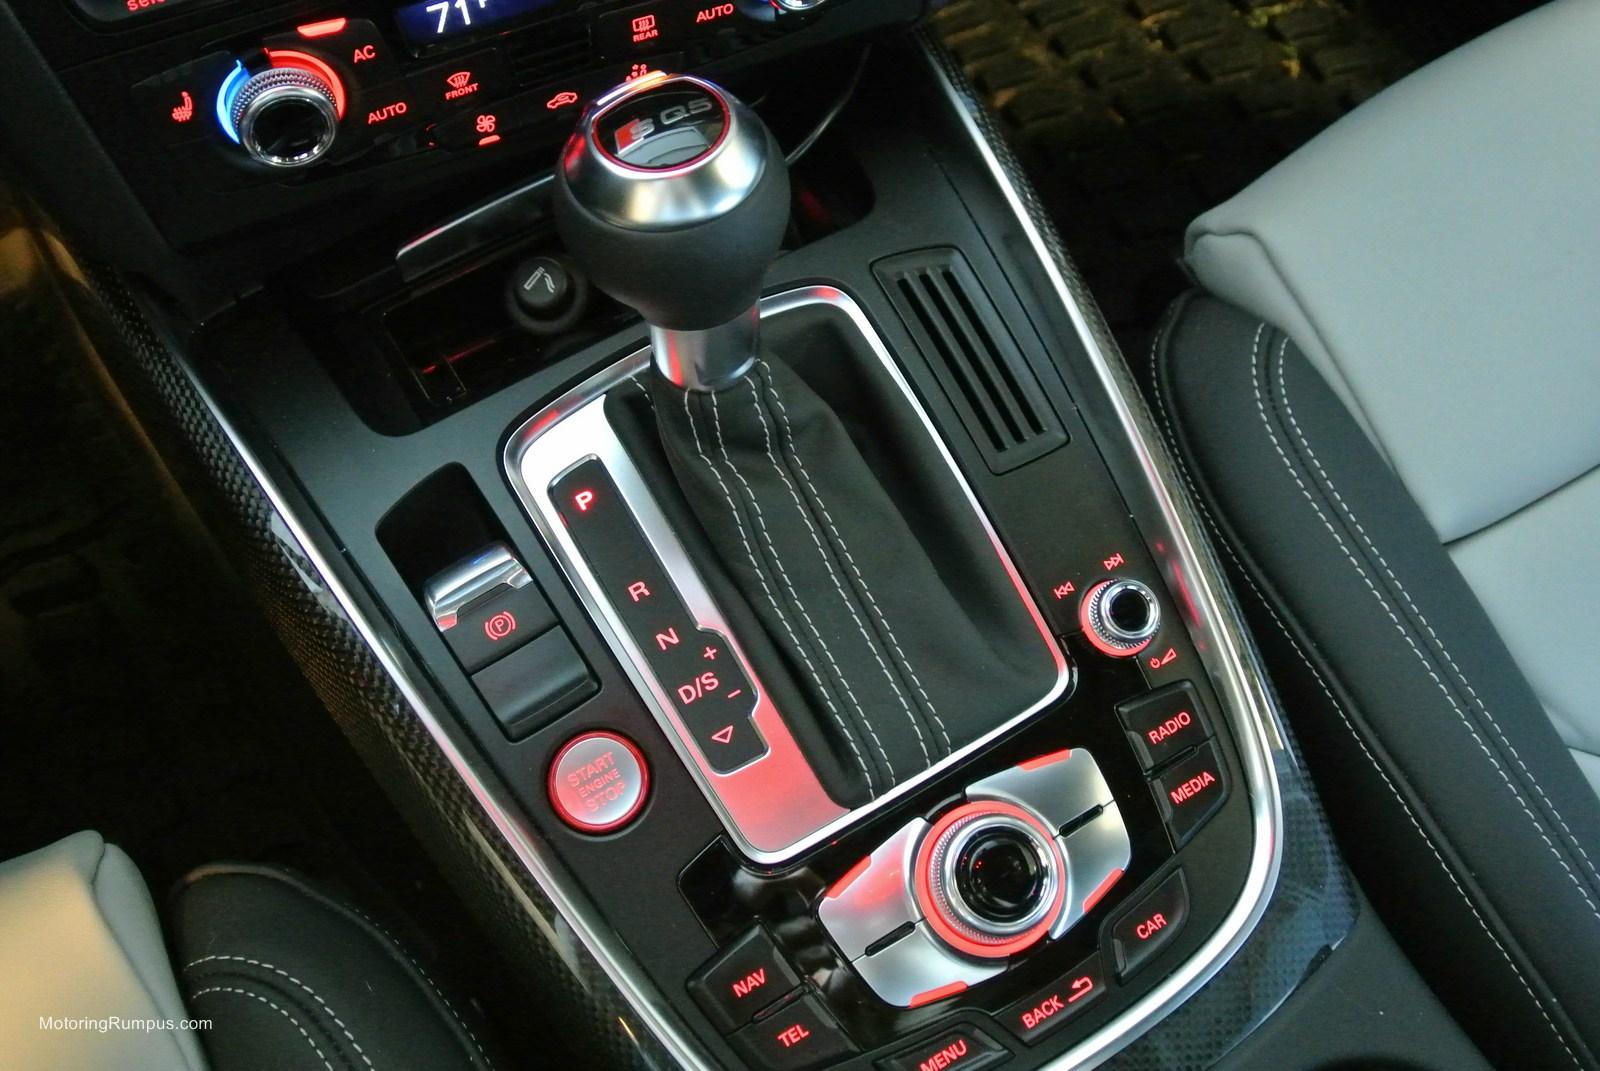 2014 Audi SQ5 Shifter